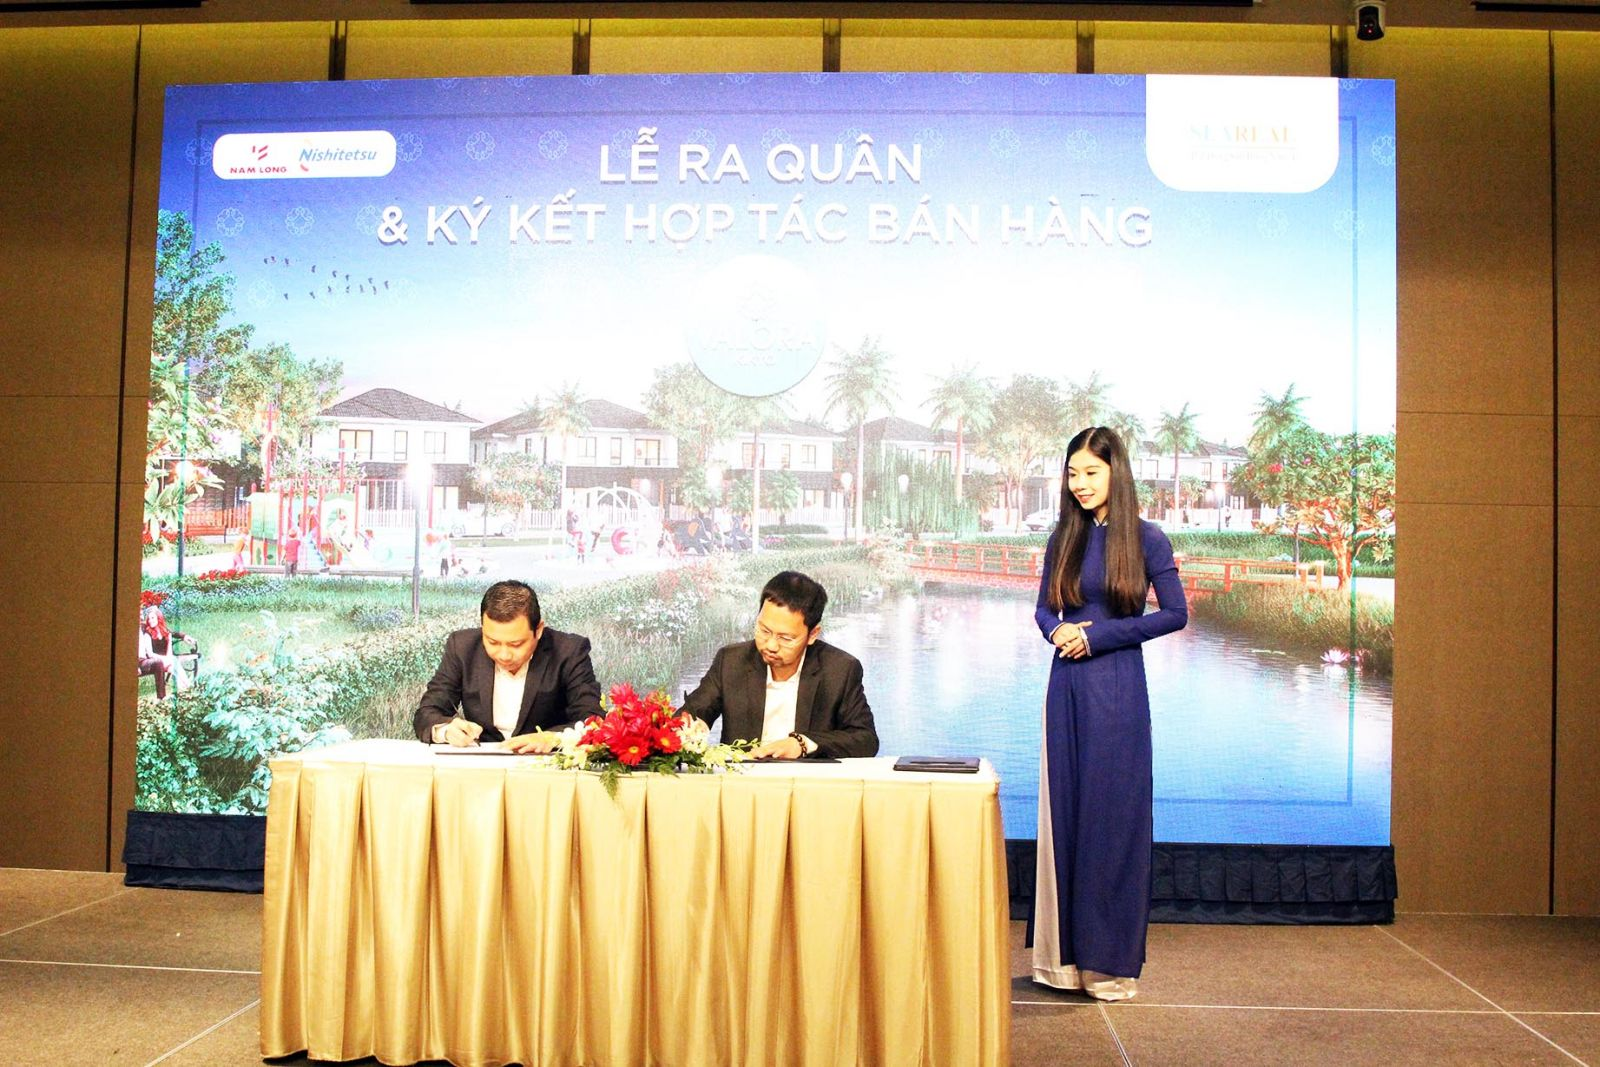 Đại diện đơn vị phân phối SeaReal ký kết hợp tác bán hàng dự án Valora Kikyo với Chủ đầu tư